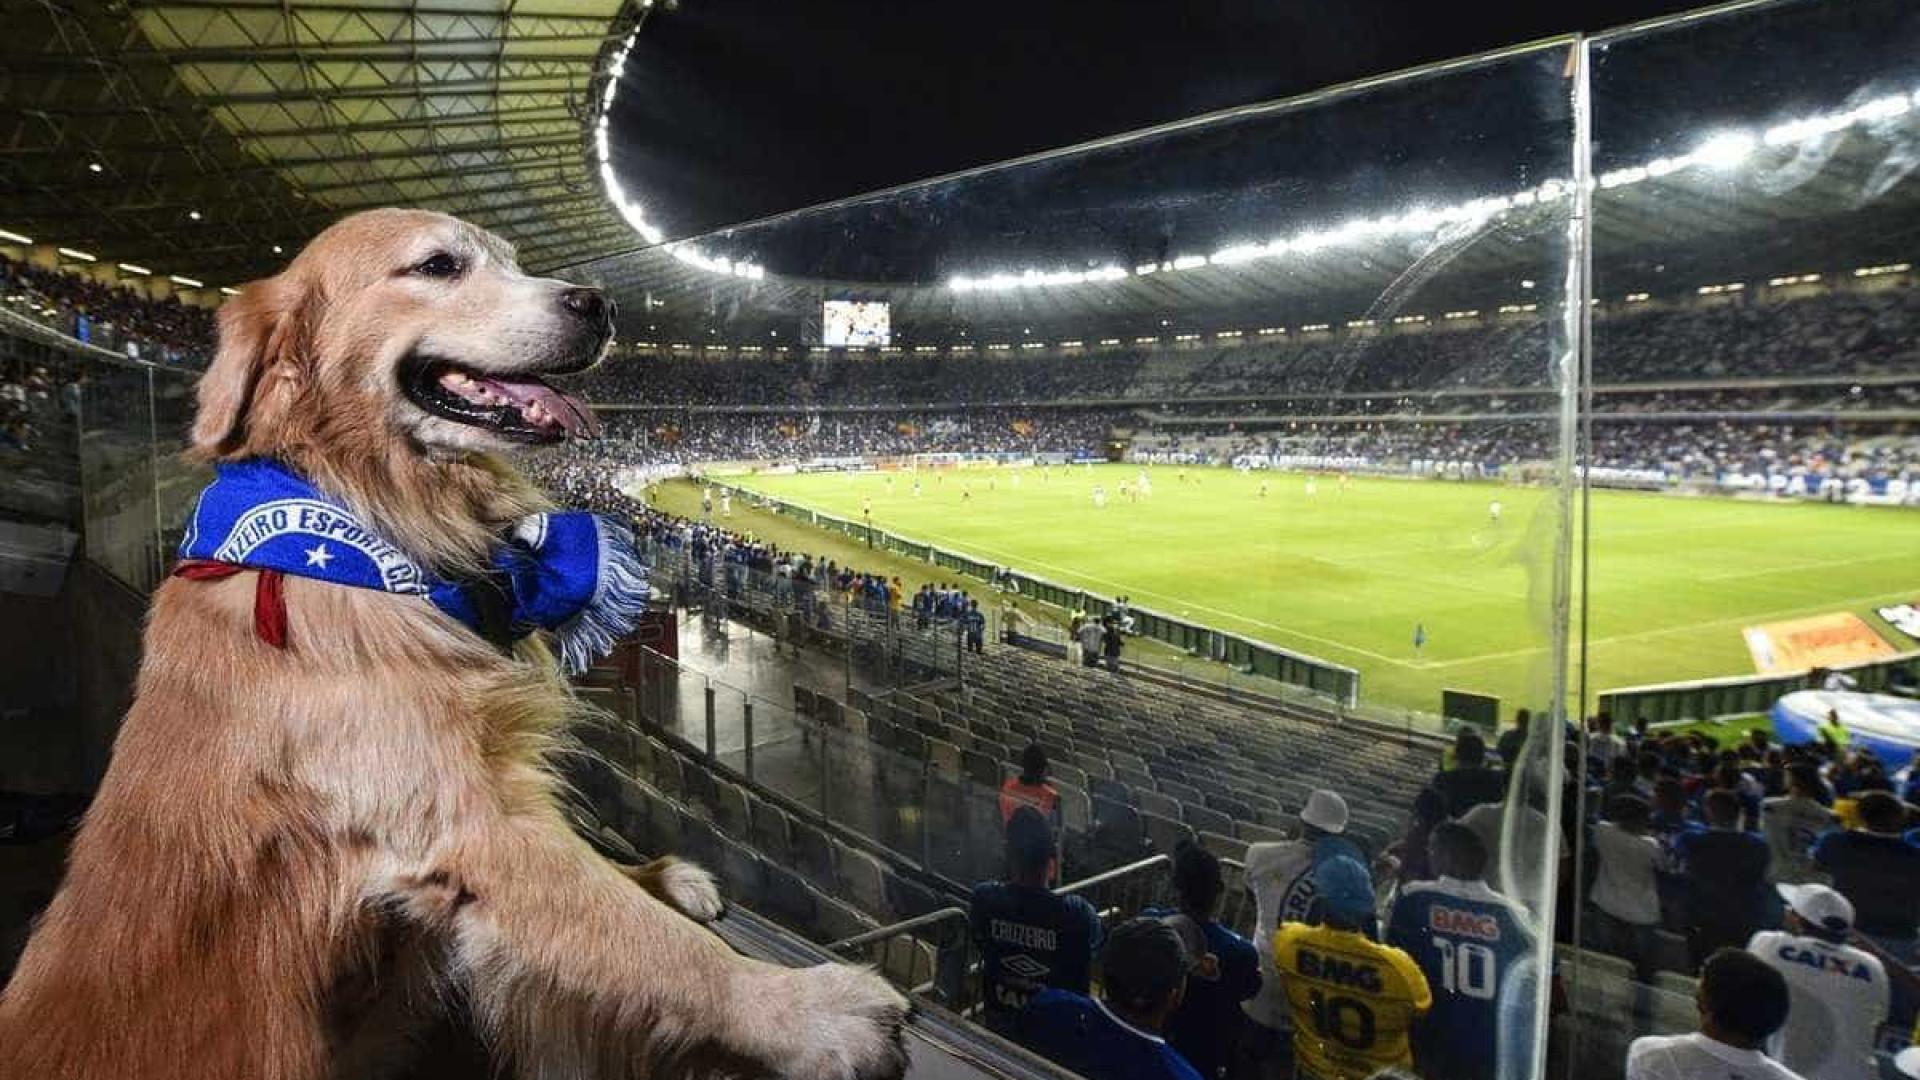 Mineirão libera entrada de cachorros na torcida durante jogos